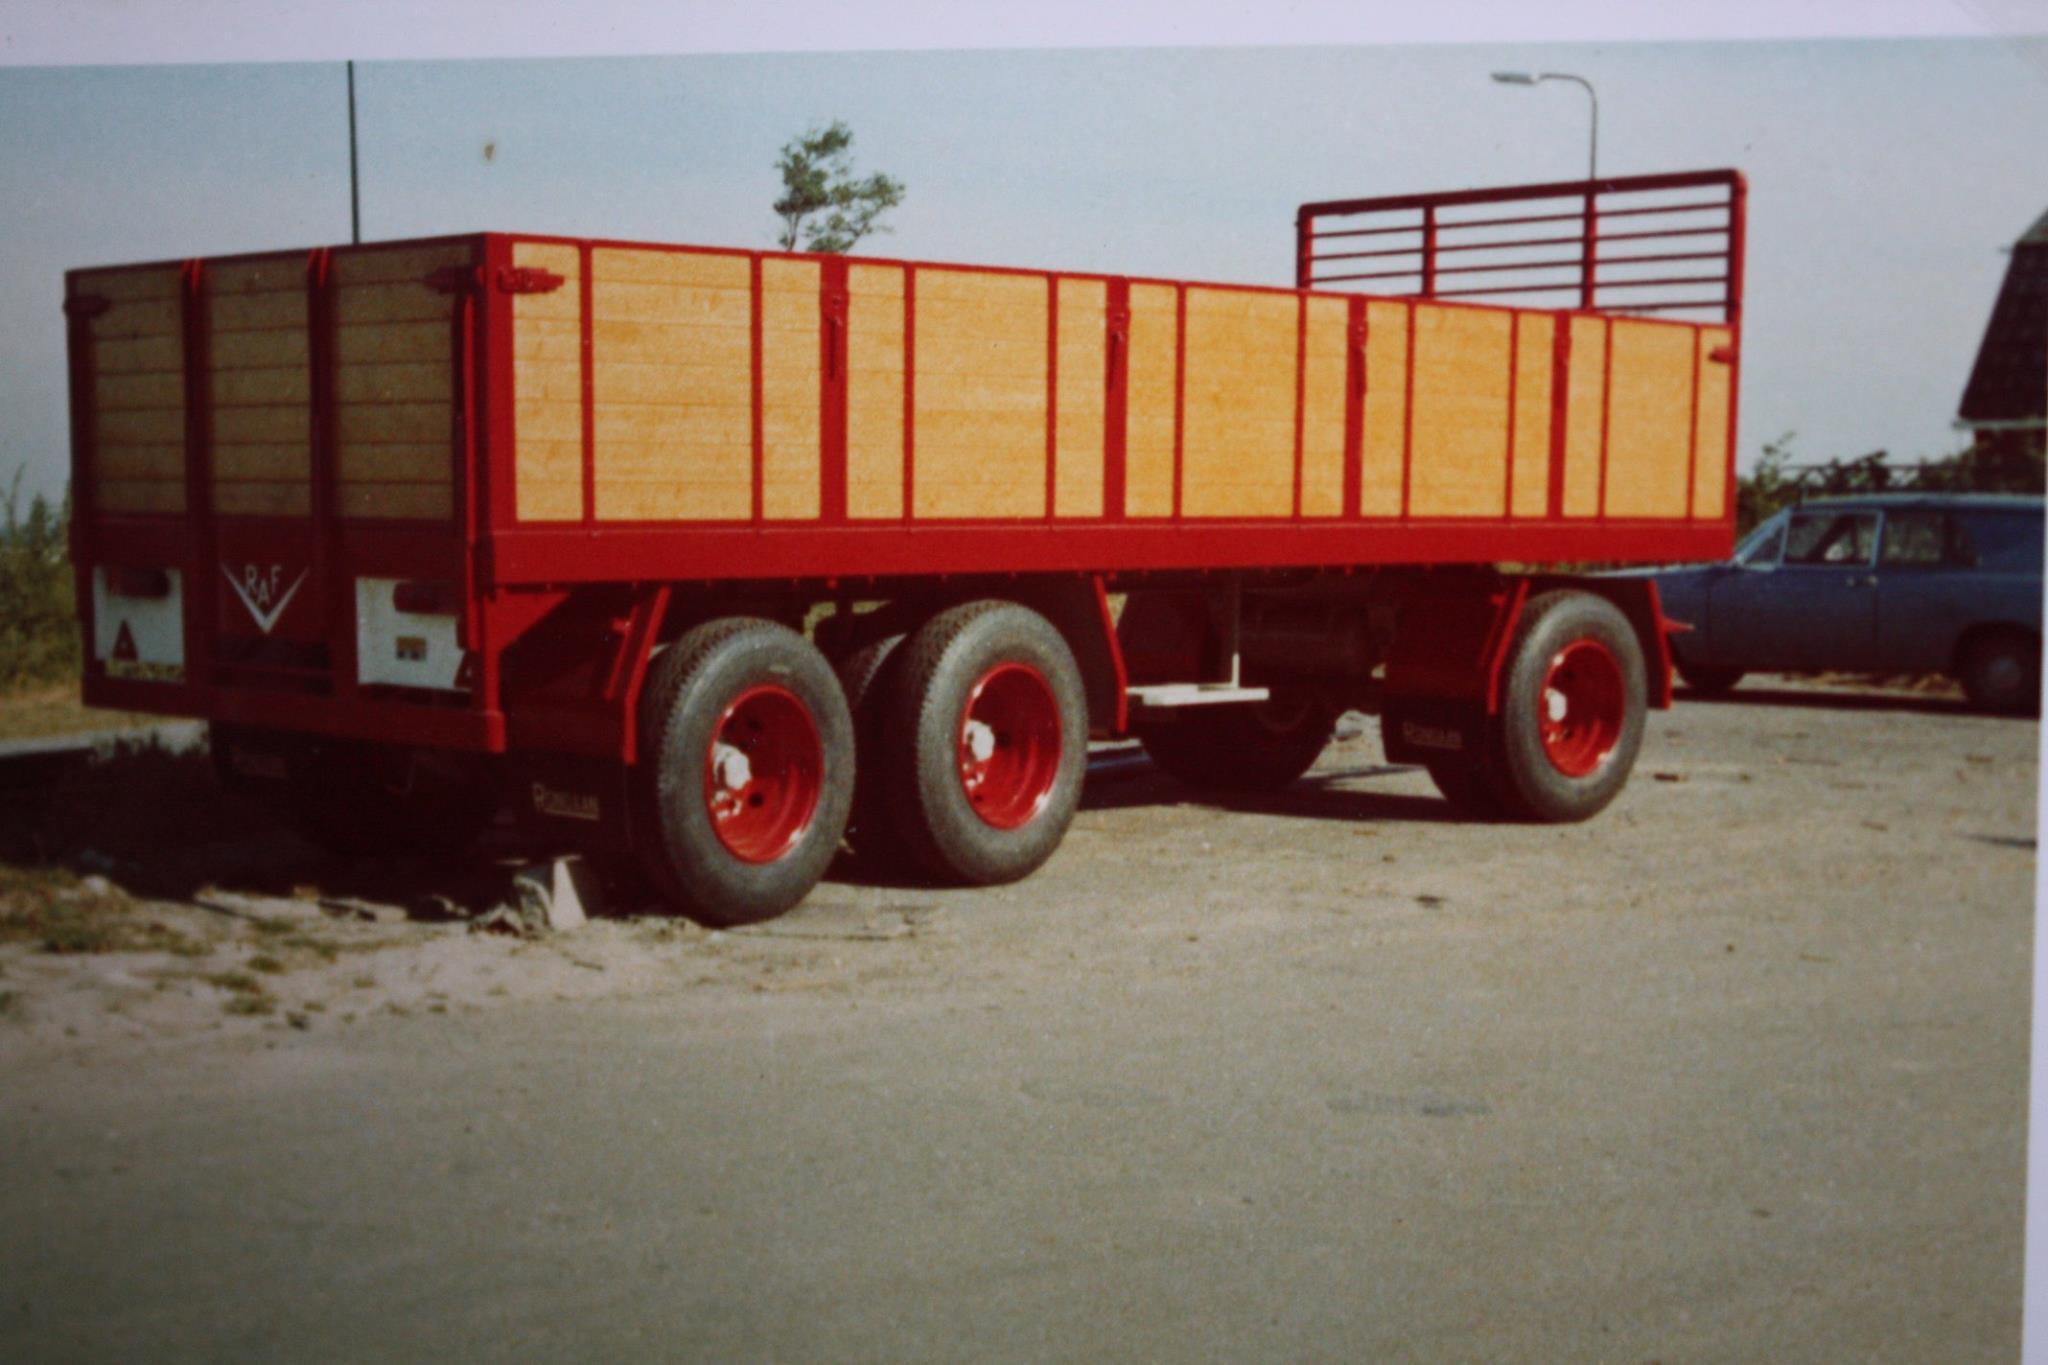 RAF-tandemas-aanhangwagen-met-zijschotten-is-door-Rondaan-in-Beetgum-gebouwd-voor-Transportbedrijf-Wassenaar-in-Beetgumermolen-2